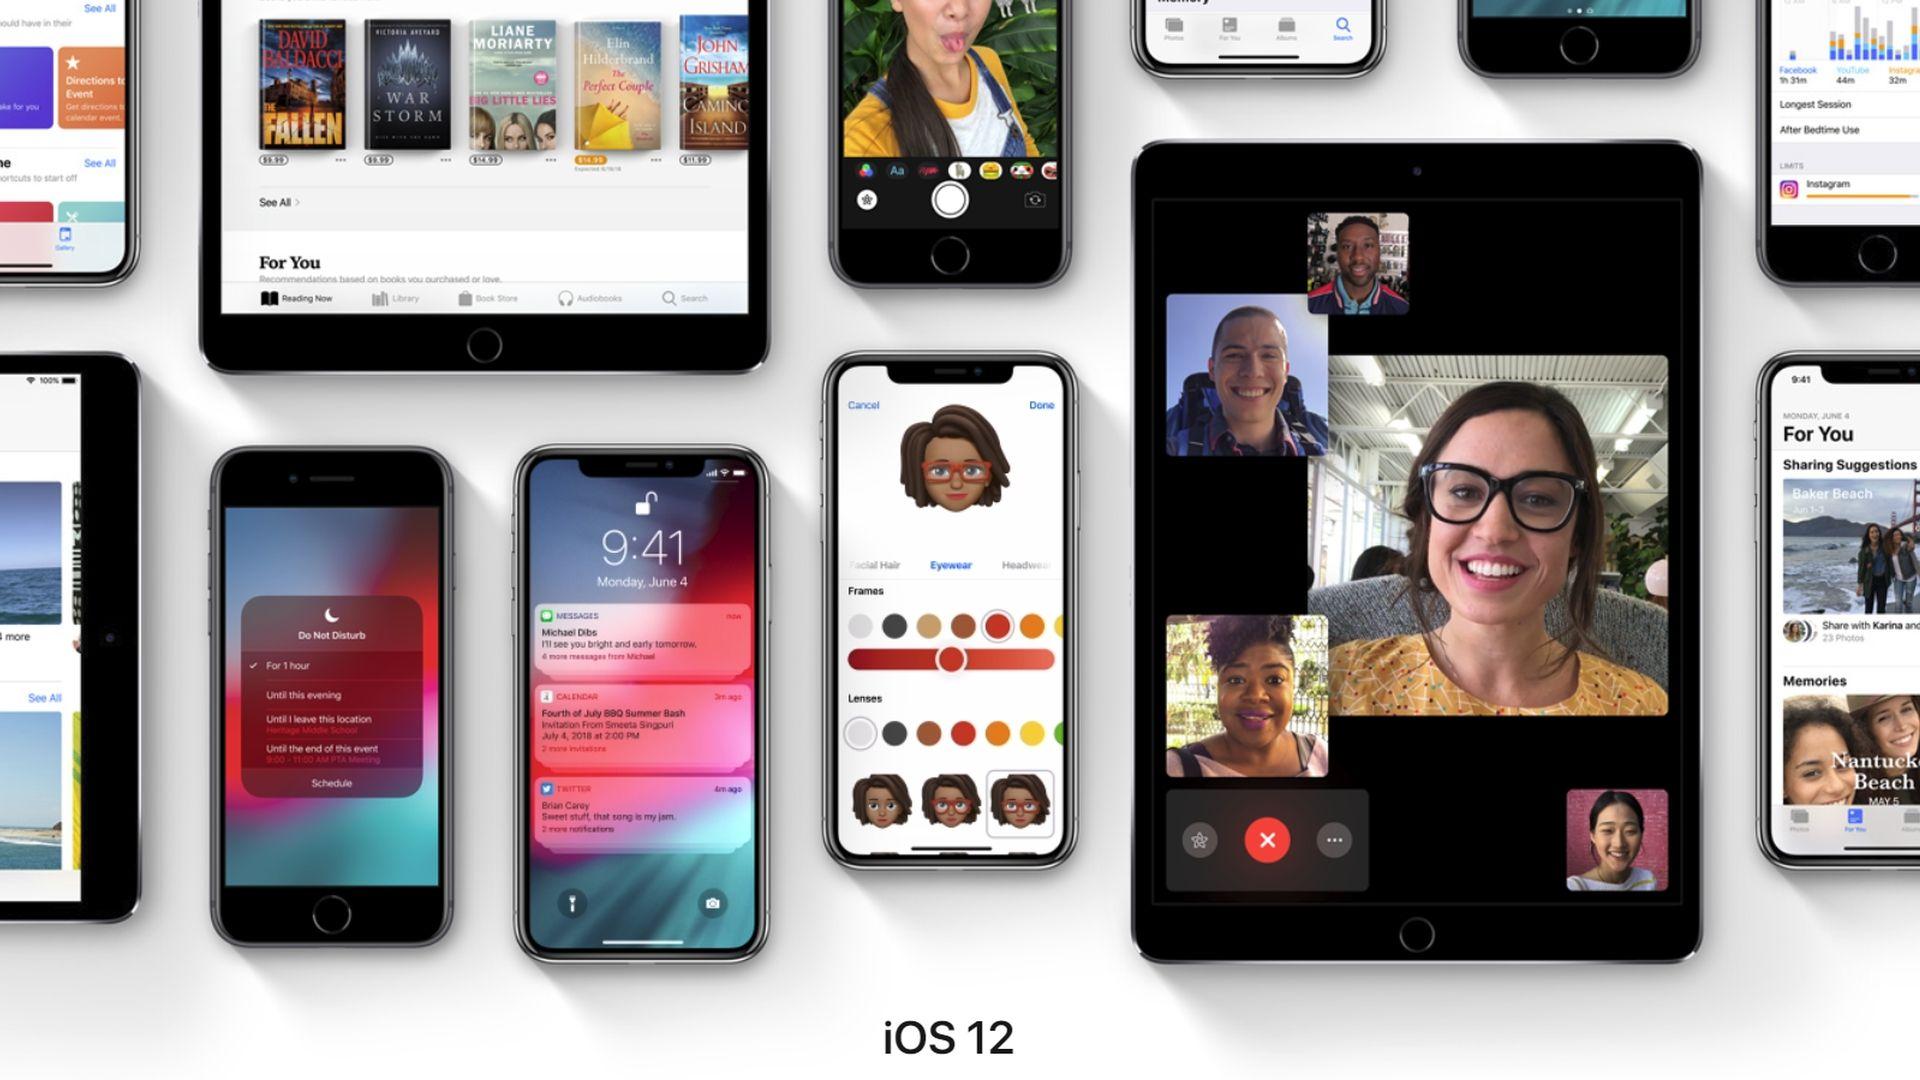 Jak zainstalować iOS 12 beta 1 bez konta developerskiego?